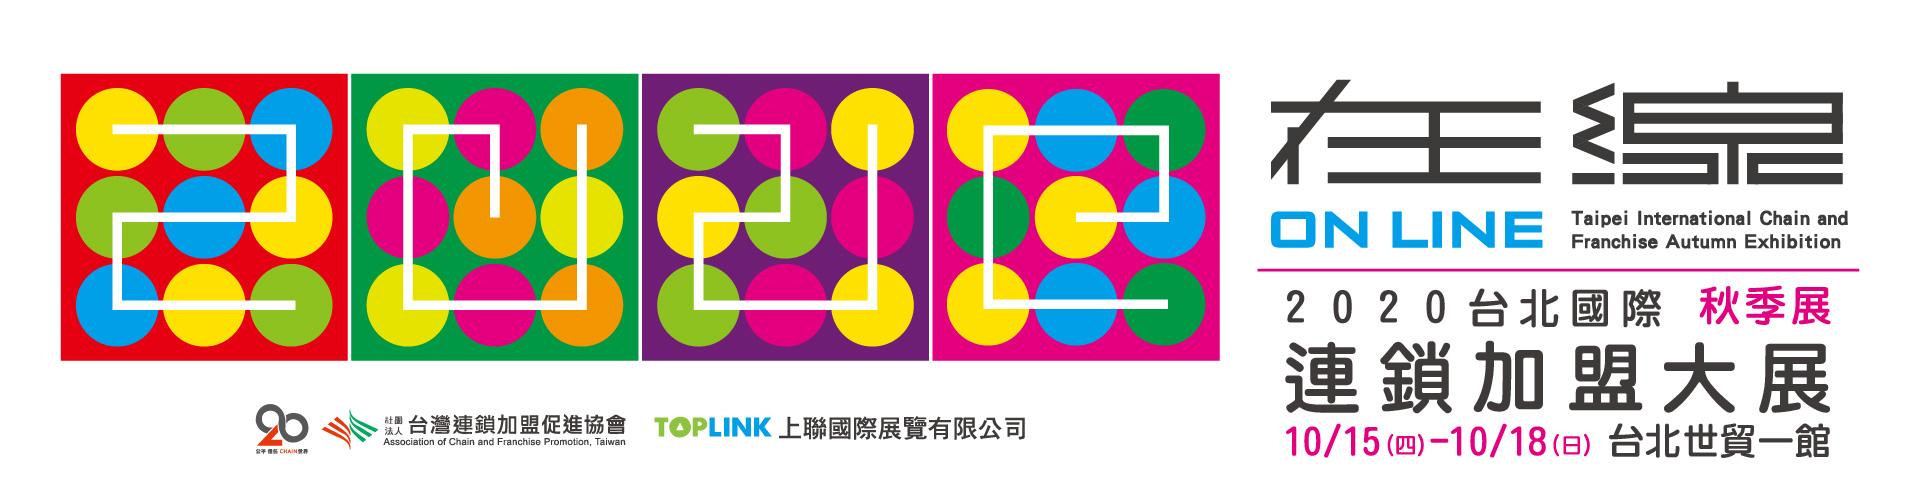 2020台北國際連鎖加盟大展-秋季展